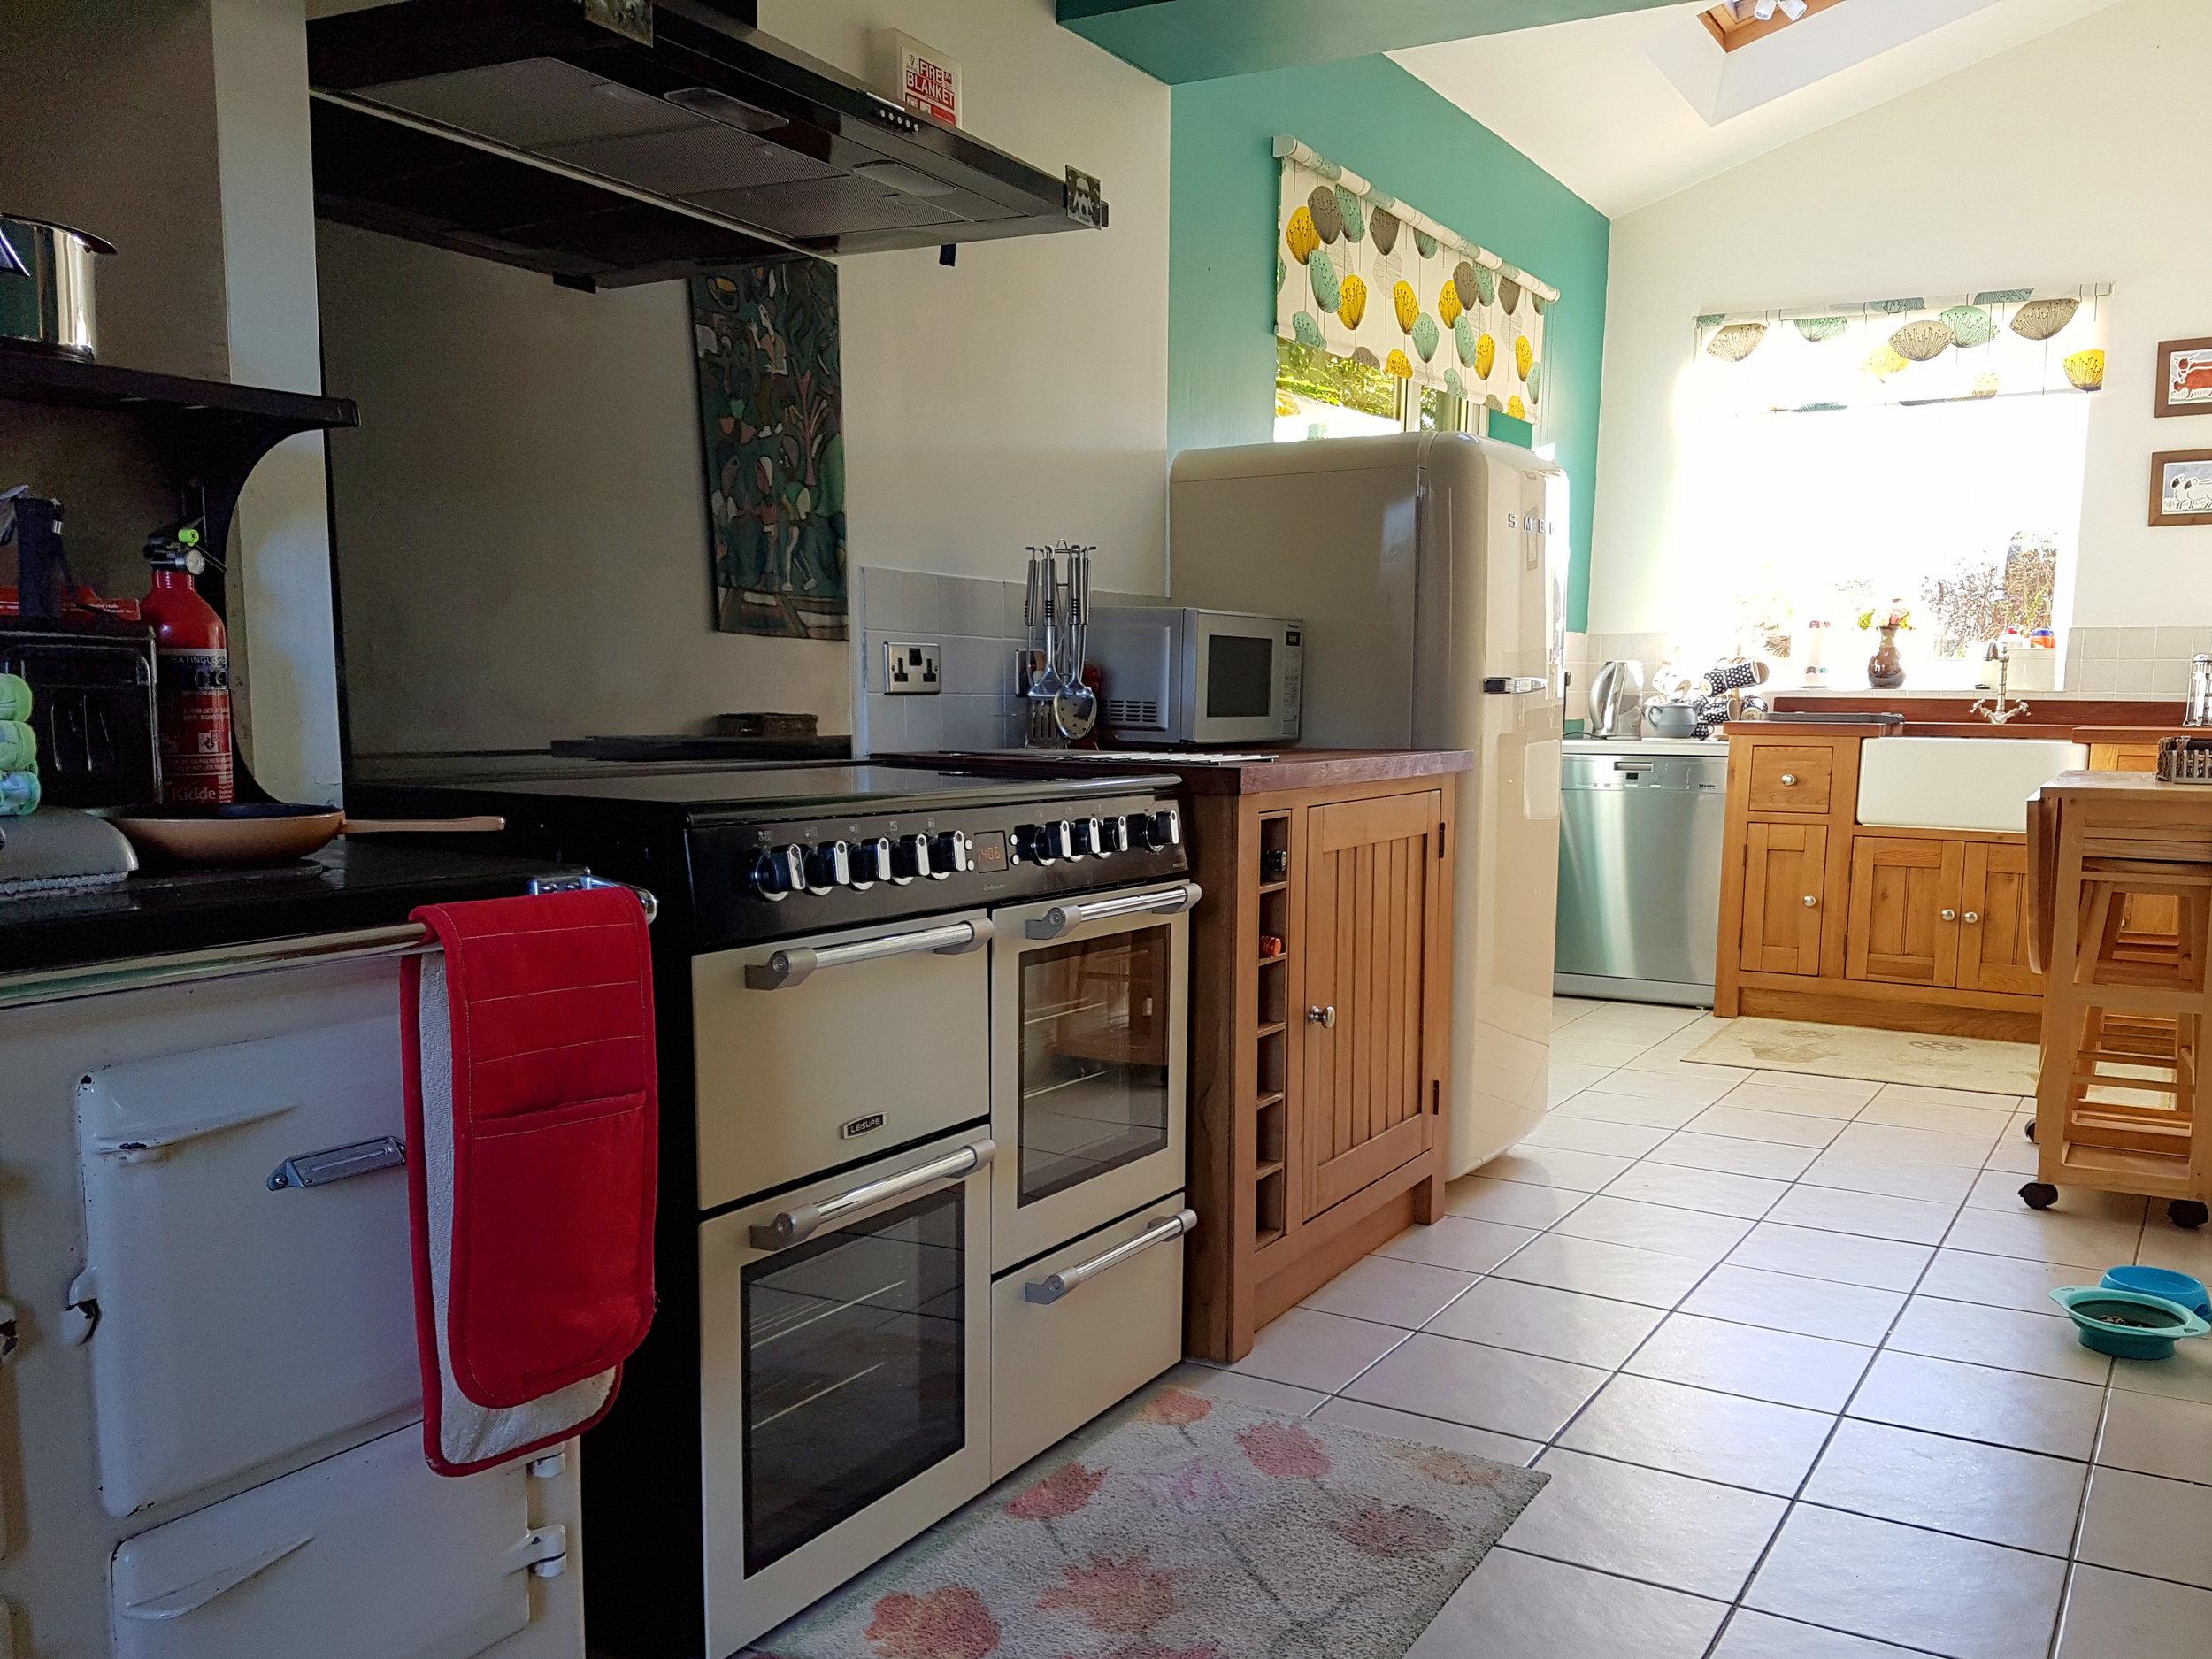 Unfitted kitchen copy.jpg